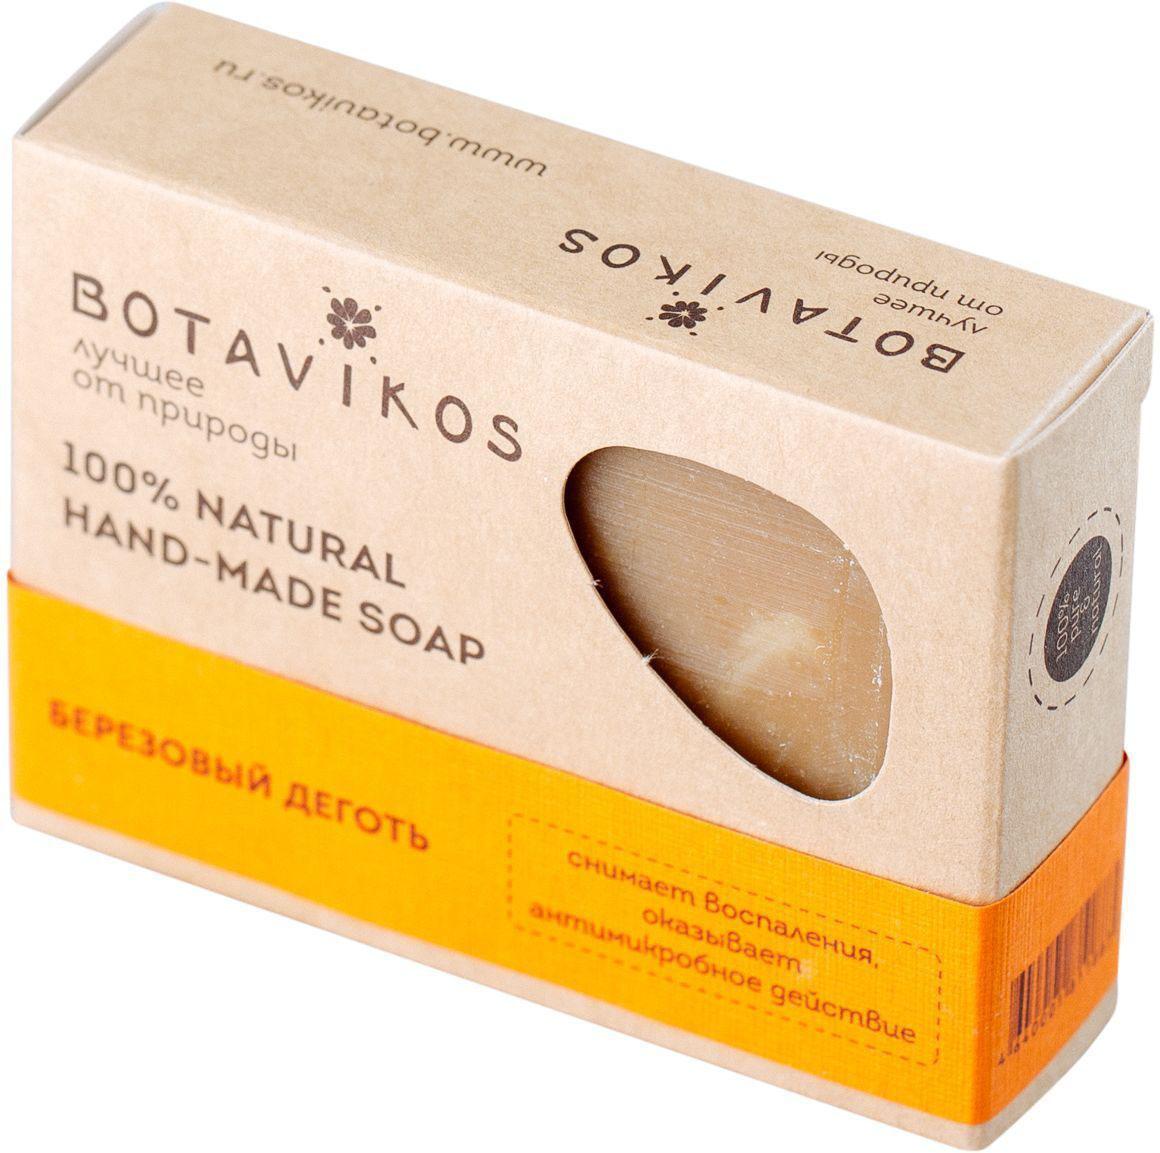 Botavikos мыло Березовый деготьSatin Hair 7 BR730MNМыло Березовый деготь – современная интерпретация древнерусского рецепта для эффективного очищения кожи и борьбы с кожными заболеваниями. Деготь – продукт сухой перегонки березовой коры, издревле ценился за свои целебные свойства. Специфический резкий запах мыла компенсируют его ярко выраженные противовоспалительные и антимикробные возможности и заметный косметический результат. Дегтярное мыло рекомендуется для направленного ухода за проблемной кожей, а также при экземах, чесотке, фурункулезе, нейродермите, пиодермии, себореи, зуде кожи. Среди противопоказаний к применению - очень сухая и чрезмерно чувствительная кожа.